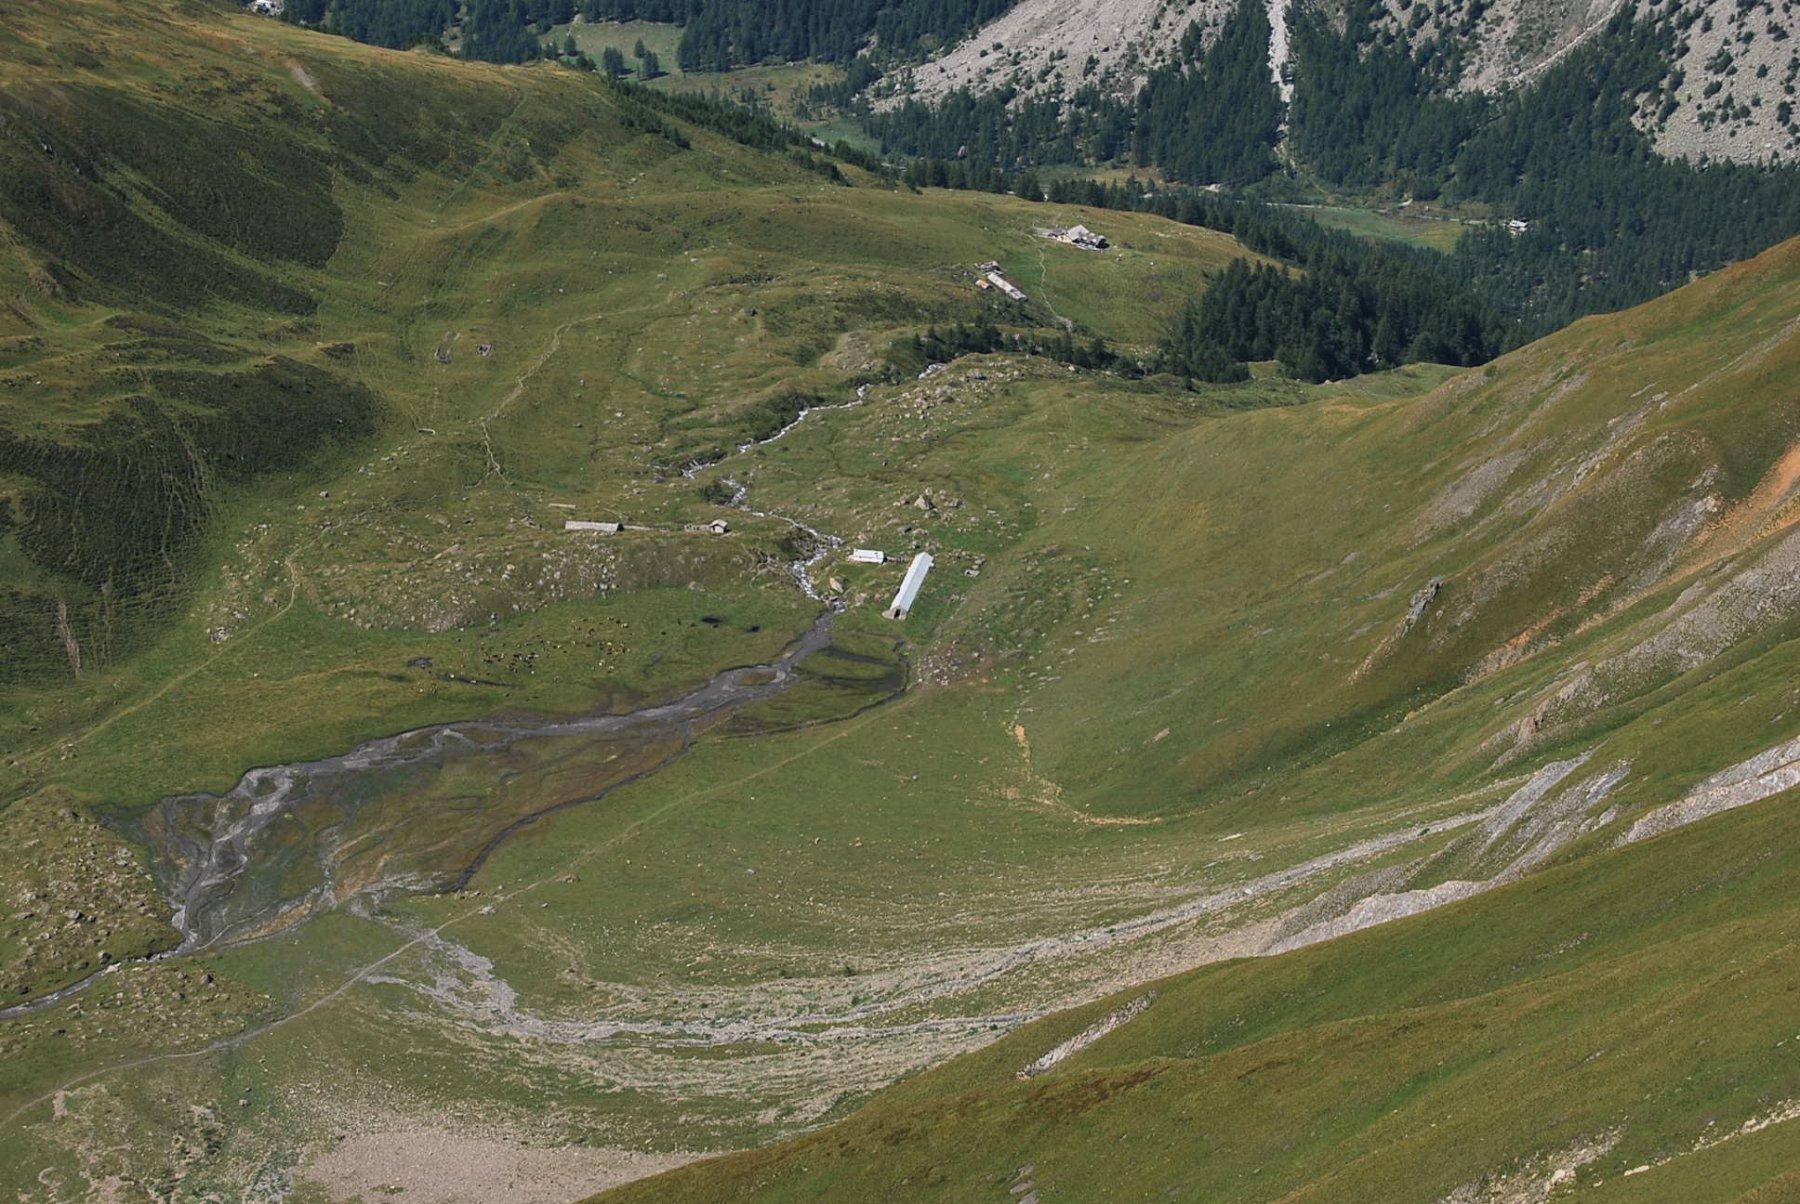 Bellecombe (Vallone) da Arnouvaz per punta 2890 m in traversata per Vallone Malatra 2016-08-21